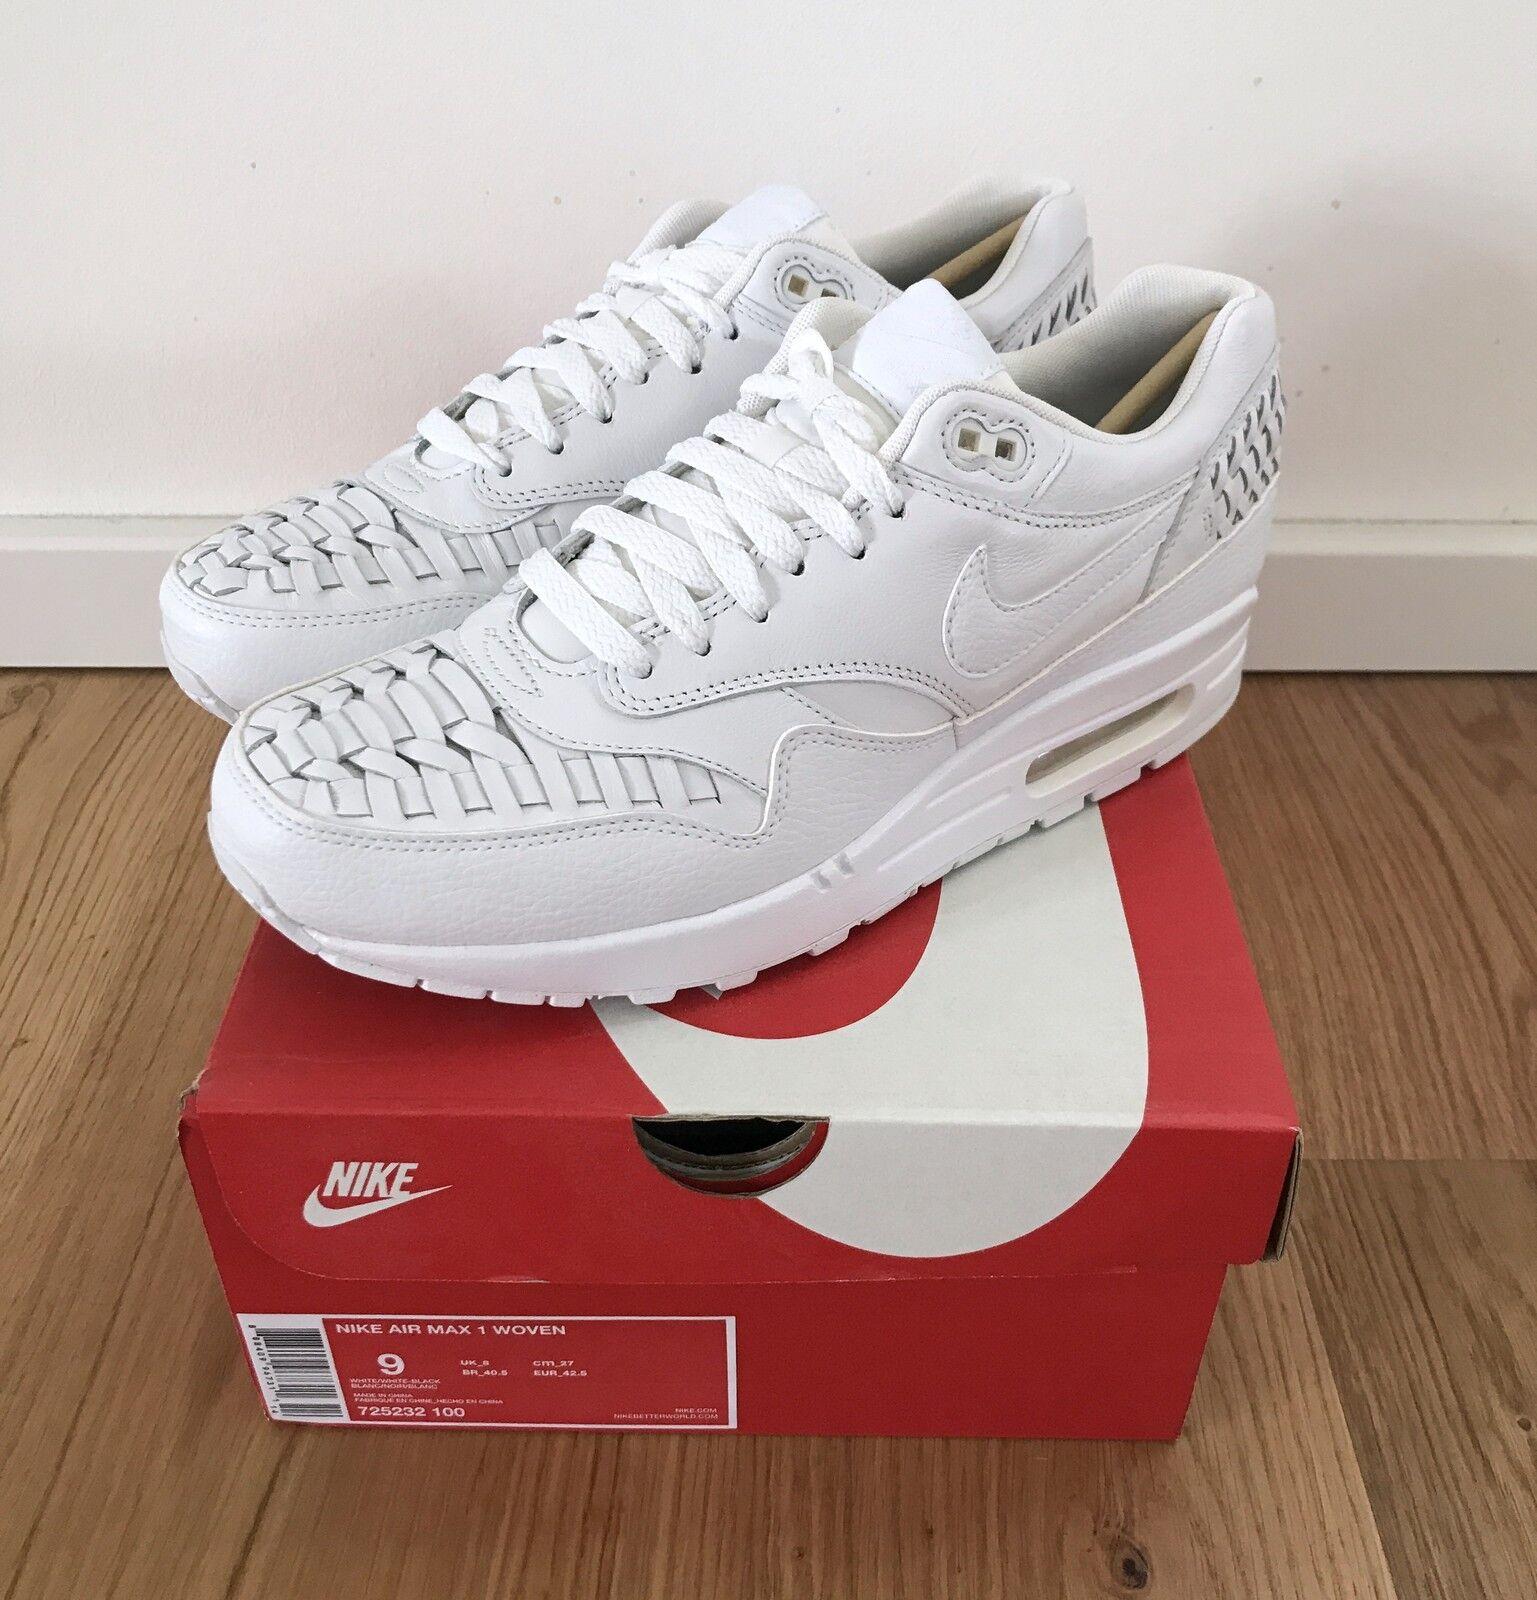 Nike Air Max 1 Woven Premium 42,5 Eur / US 9725232 100 Neu Dead Stock